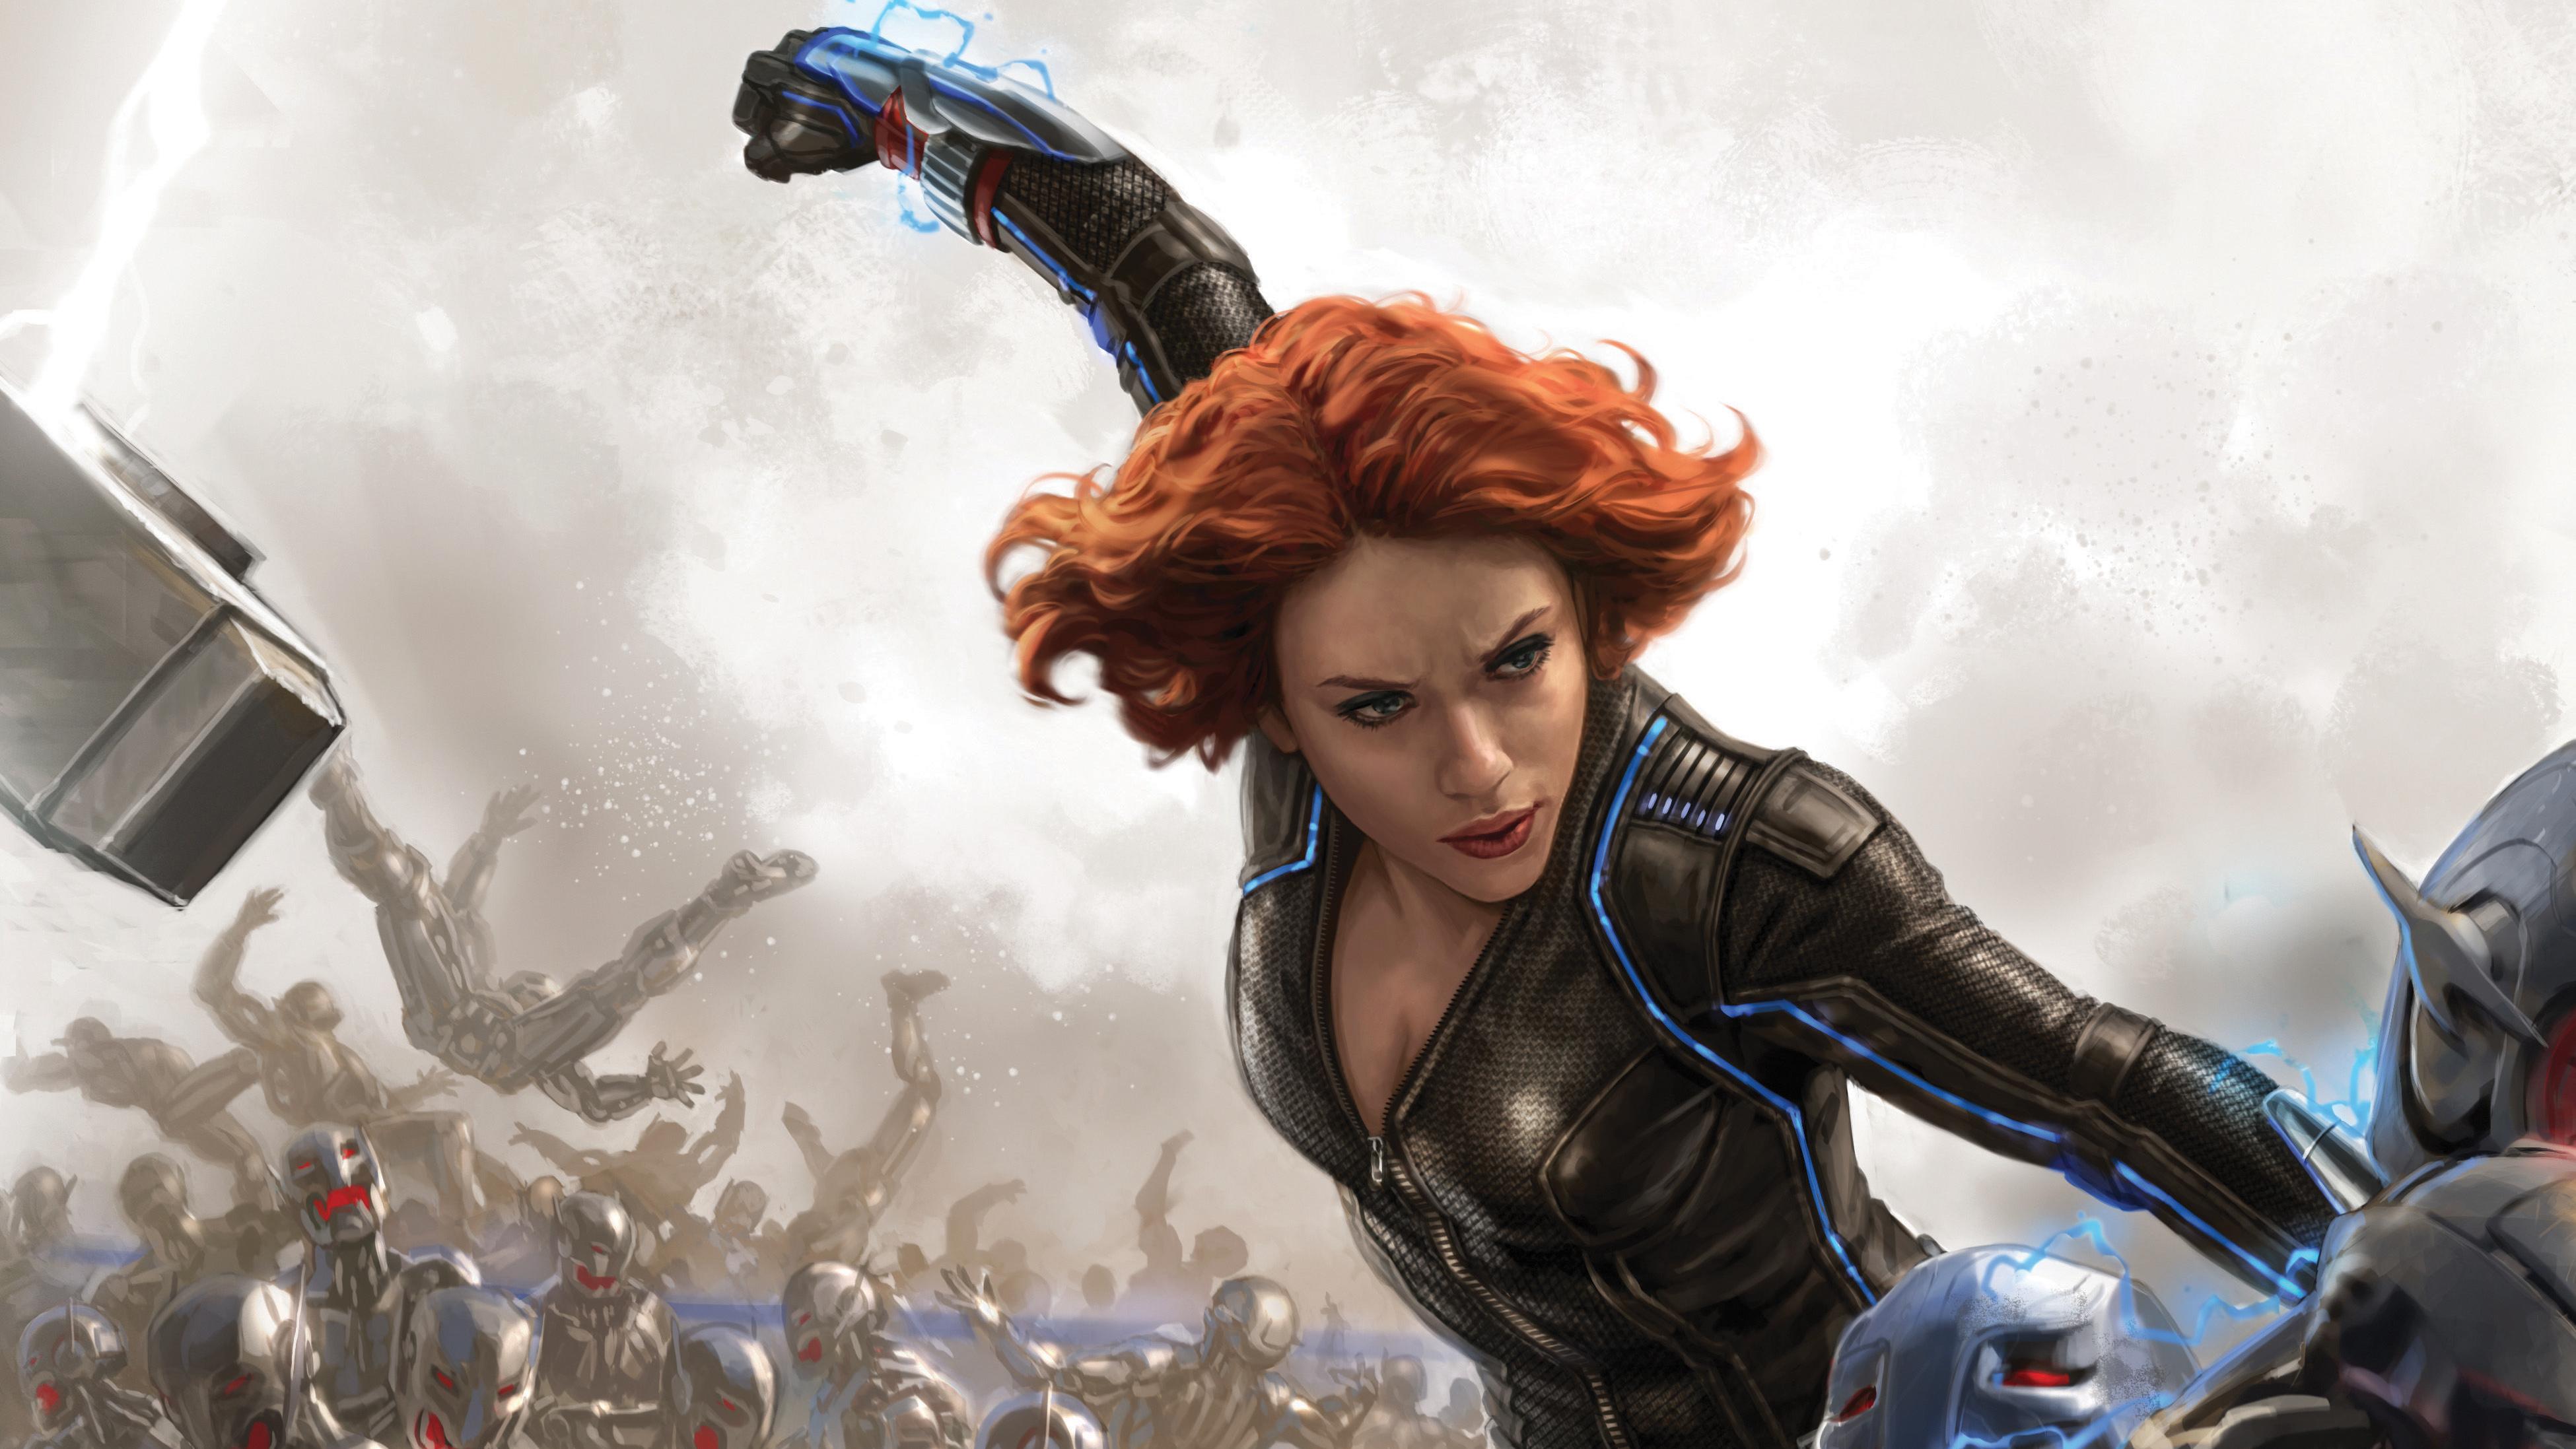 Black Widow Fan Art 4k Hd Superheroes 4k Wallpapers